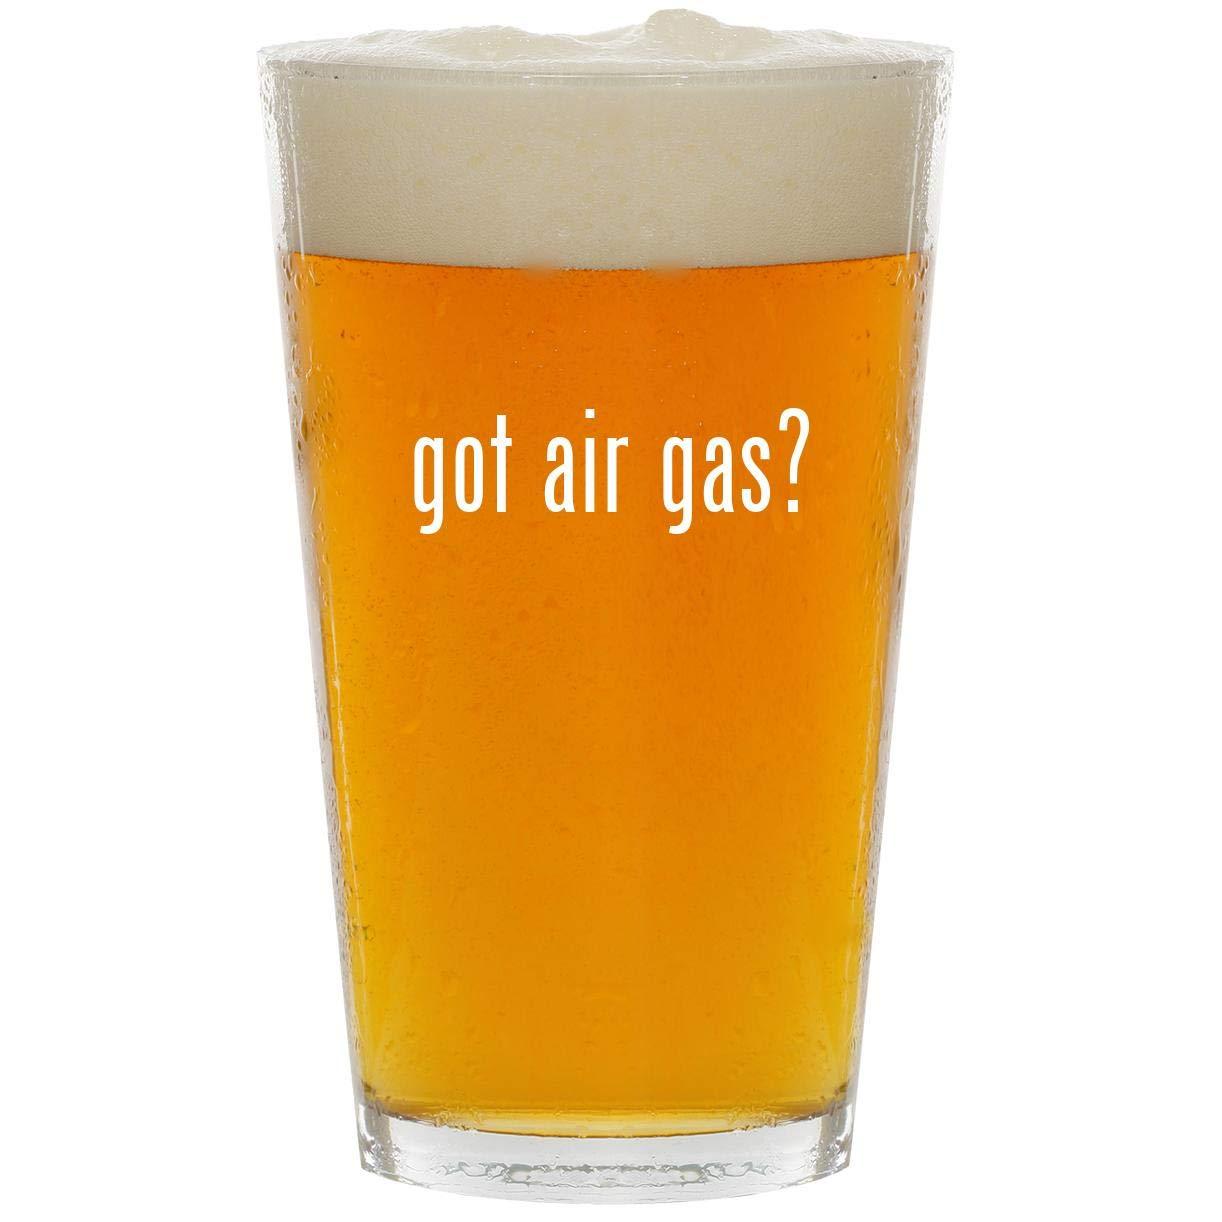 got air gas? - Glass 16oz Beer Pint